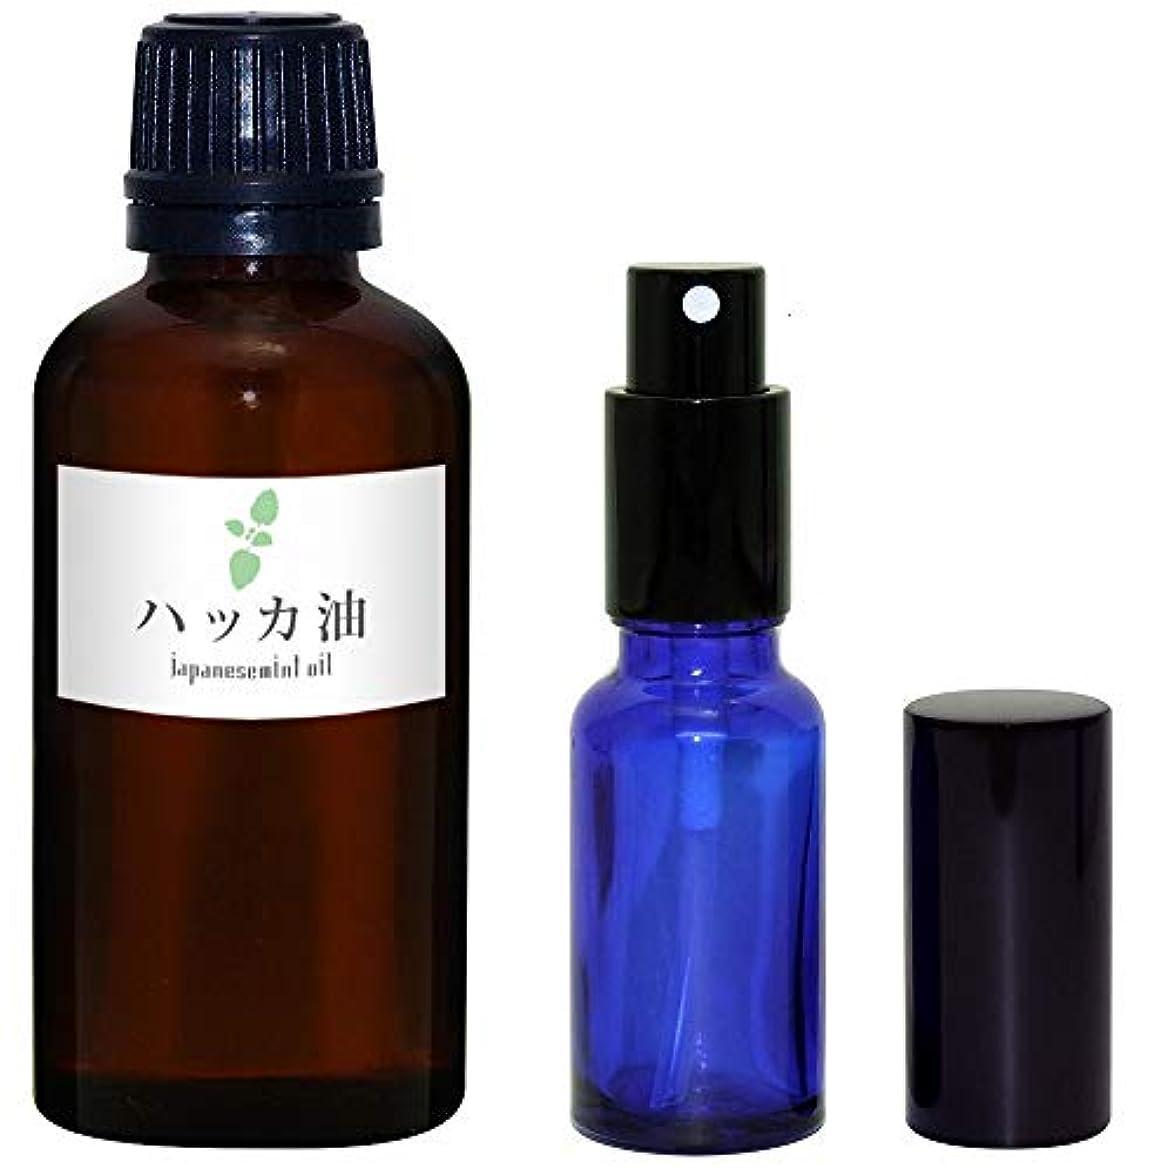 味シリーズマイクガレージ?ゼロ ハッカ油 50ml(GZAK15)+ガラス瓶 スプレーボトル20ml/和種薄荷/ジャパニーズミント GSE535